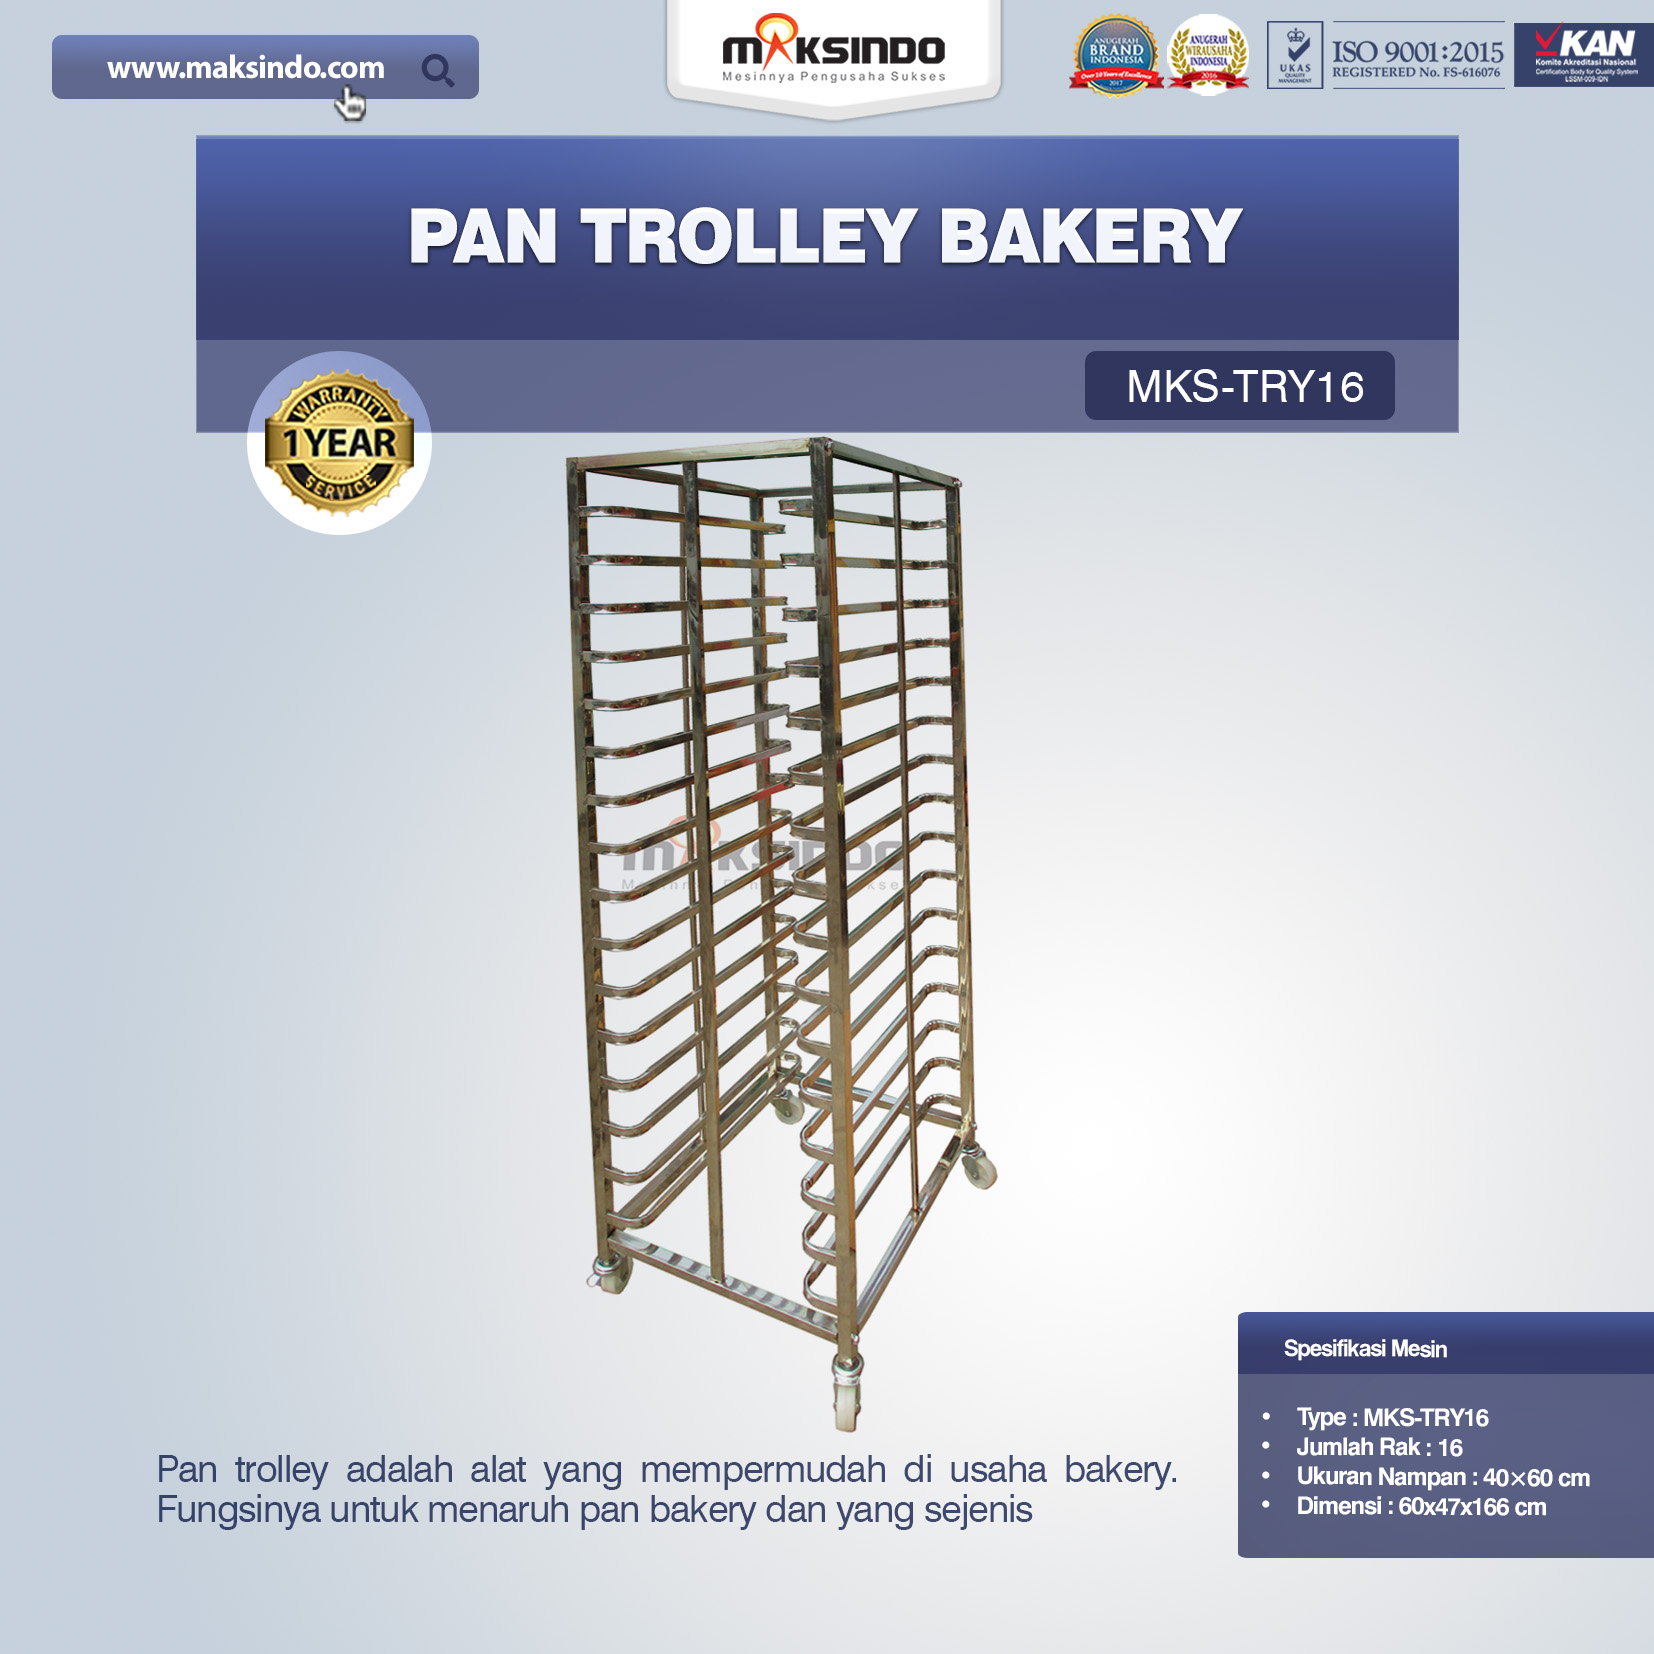 Jual Pan Trolley Bakery (MKS-TRY16) di Blitar